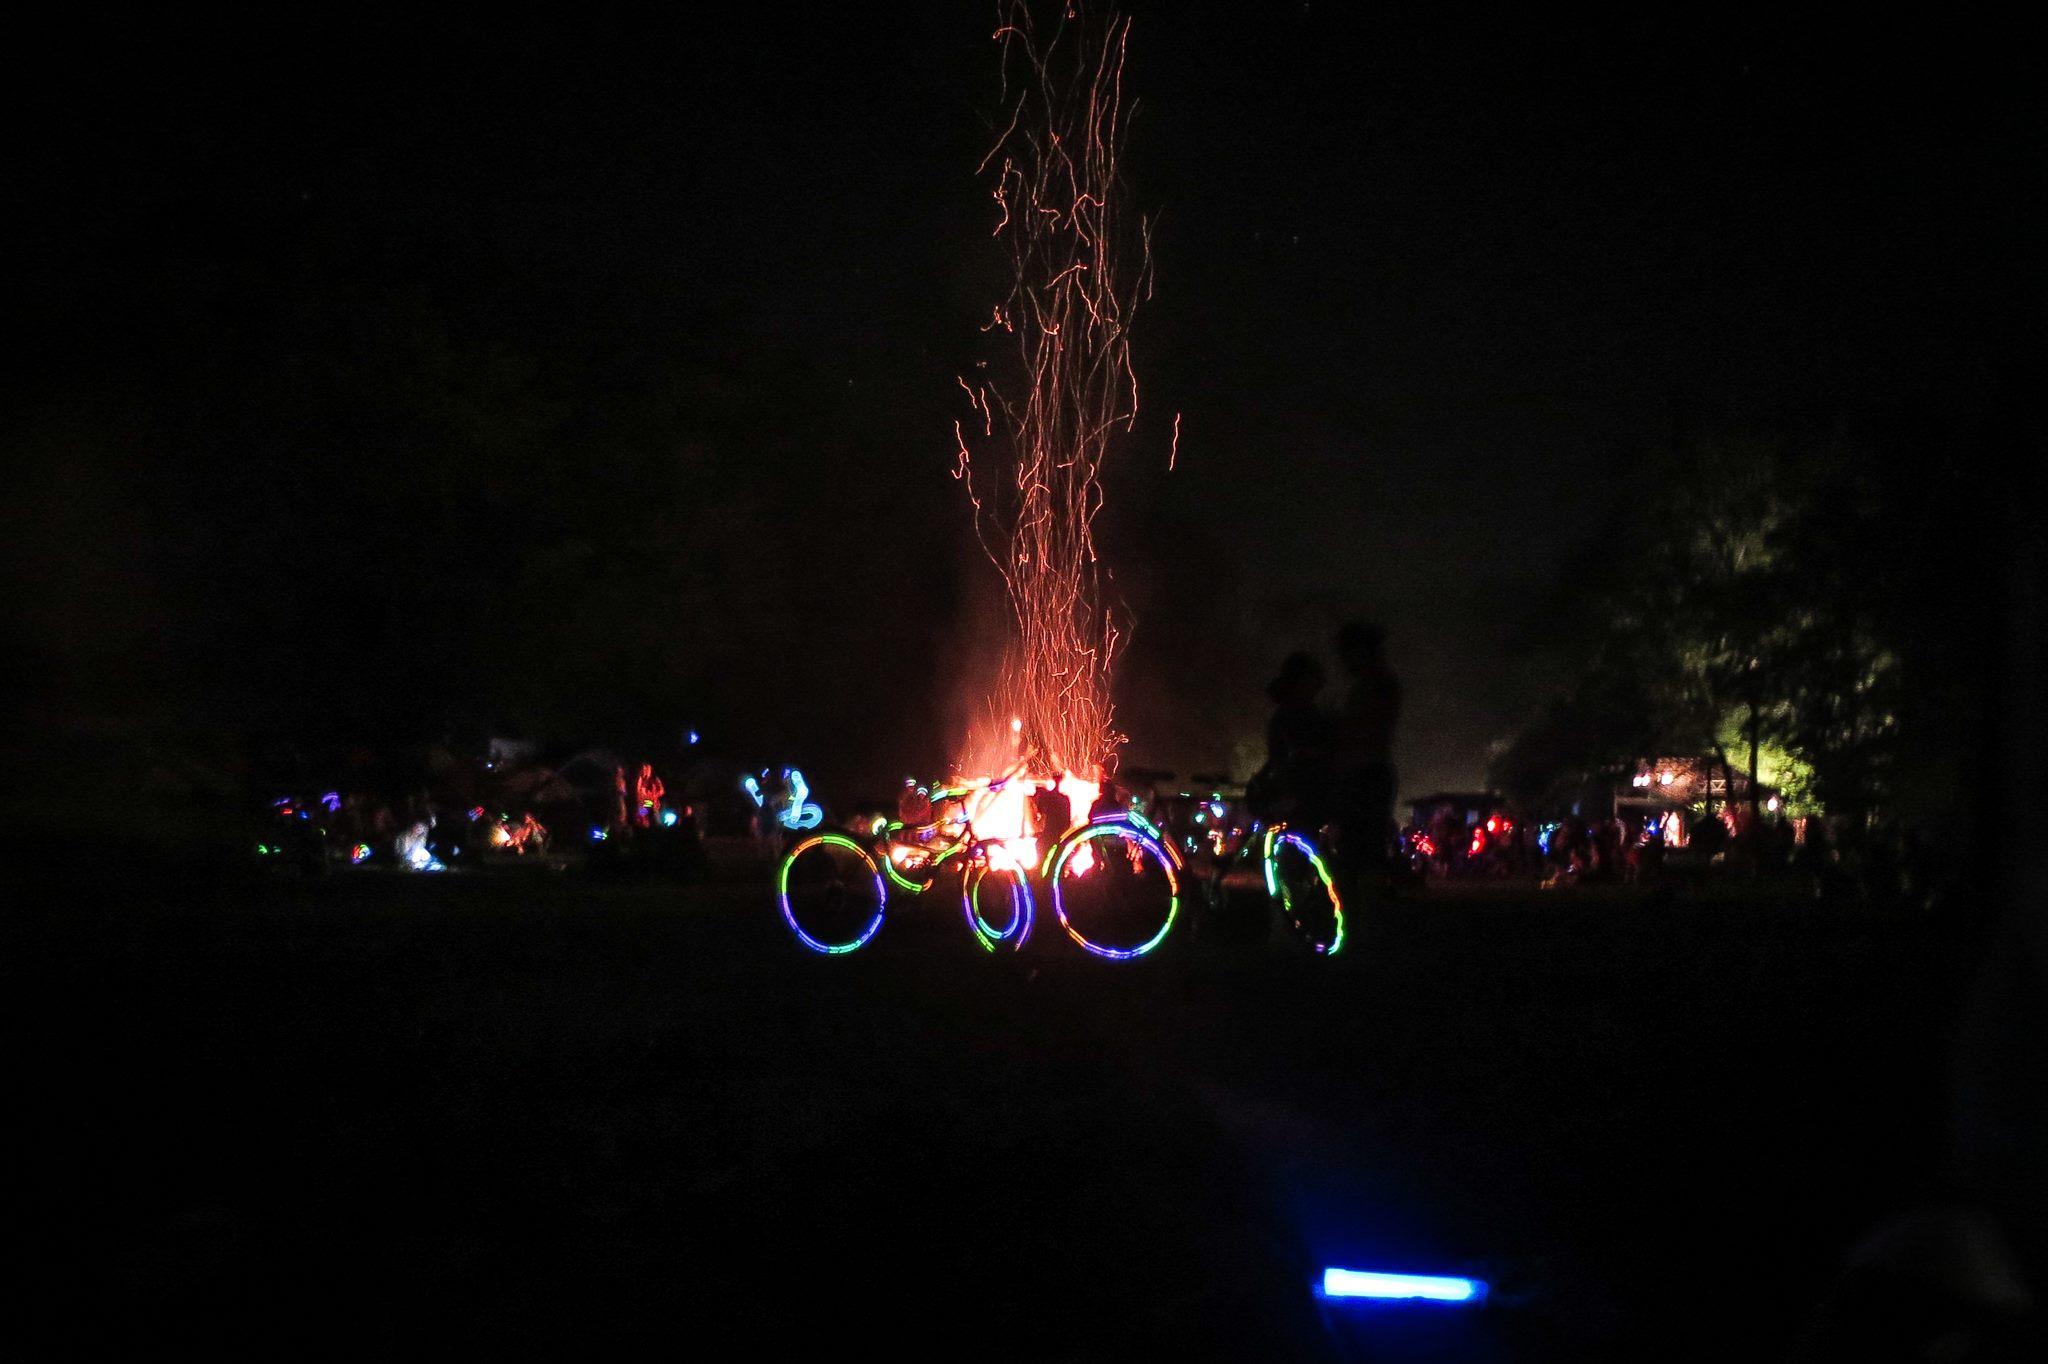 ss 2015 fire bikes night glow sticks, trippy